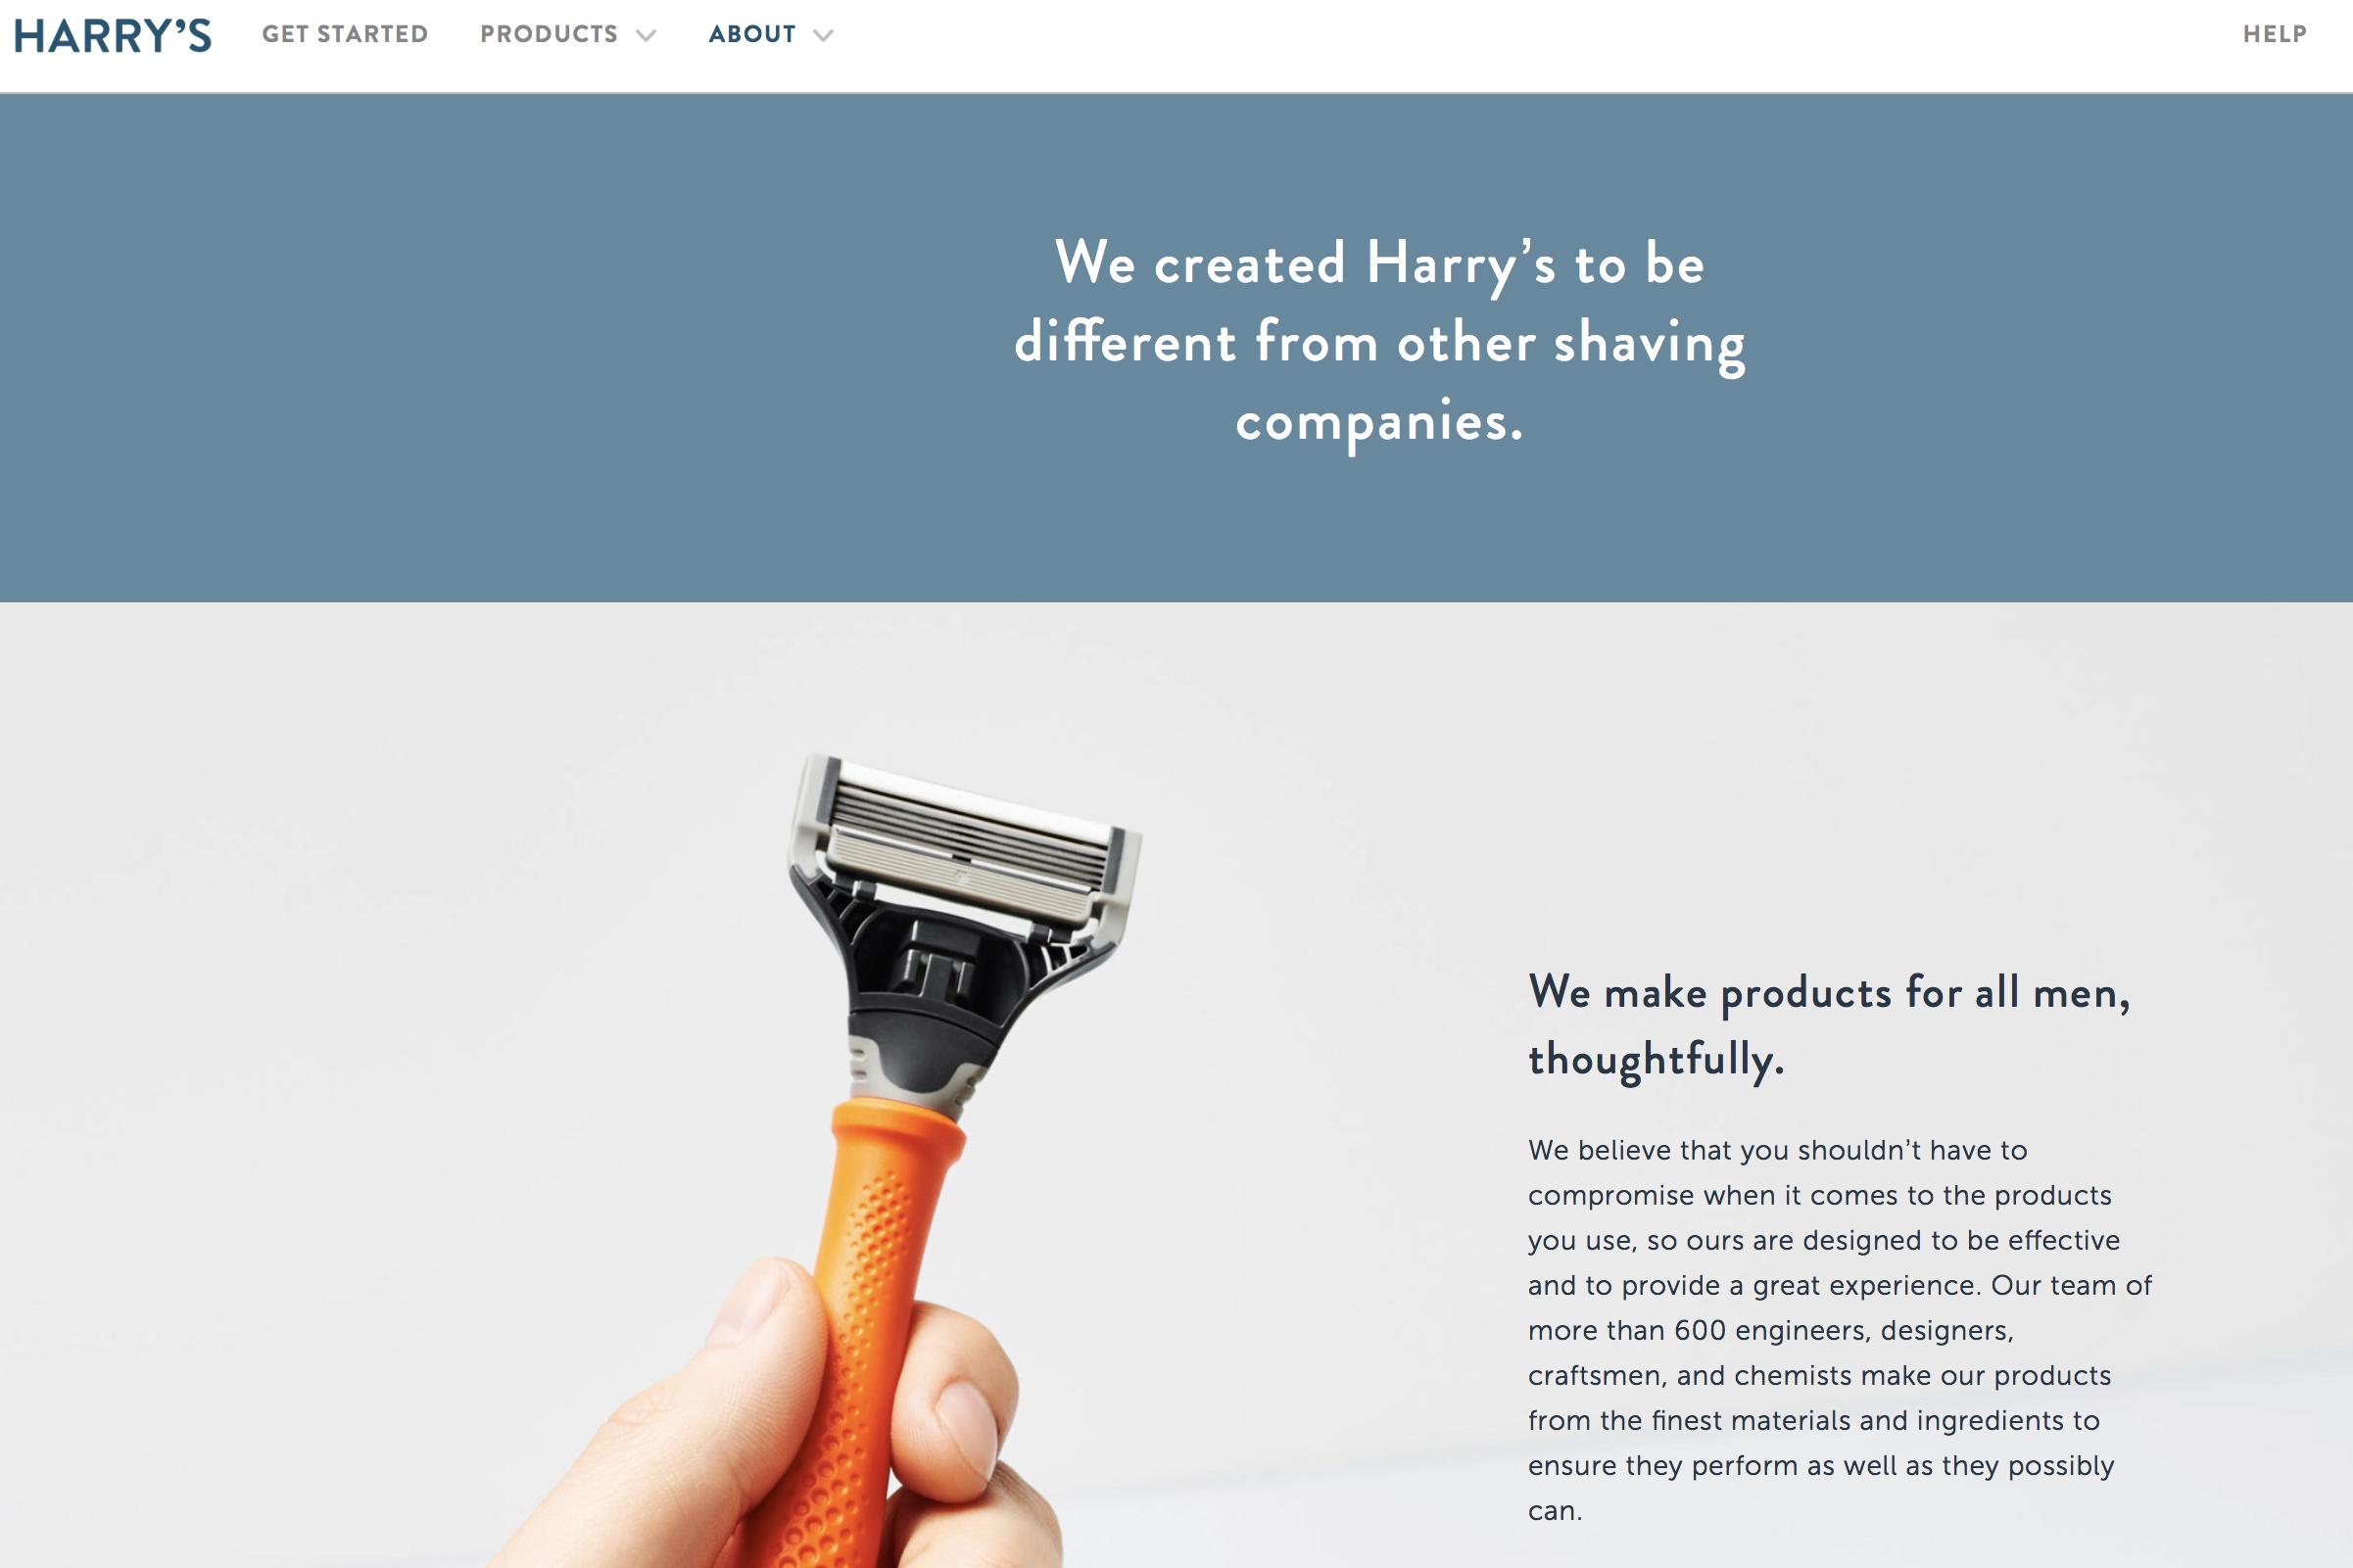 因监管机构反对,美国个护巨头 Edgewell 放弃收购互联网剃刀及理容品牌 Harry's